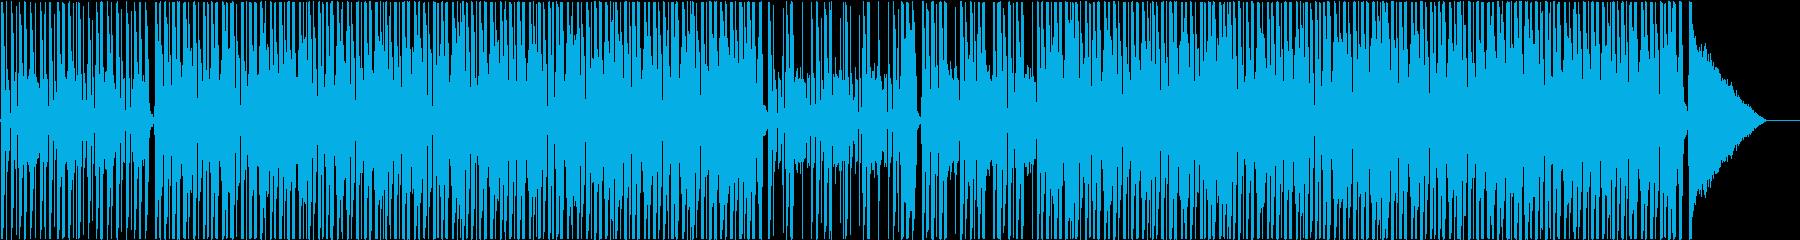 ハッピー、ポップロックの再生済みの波形